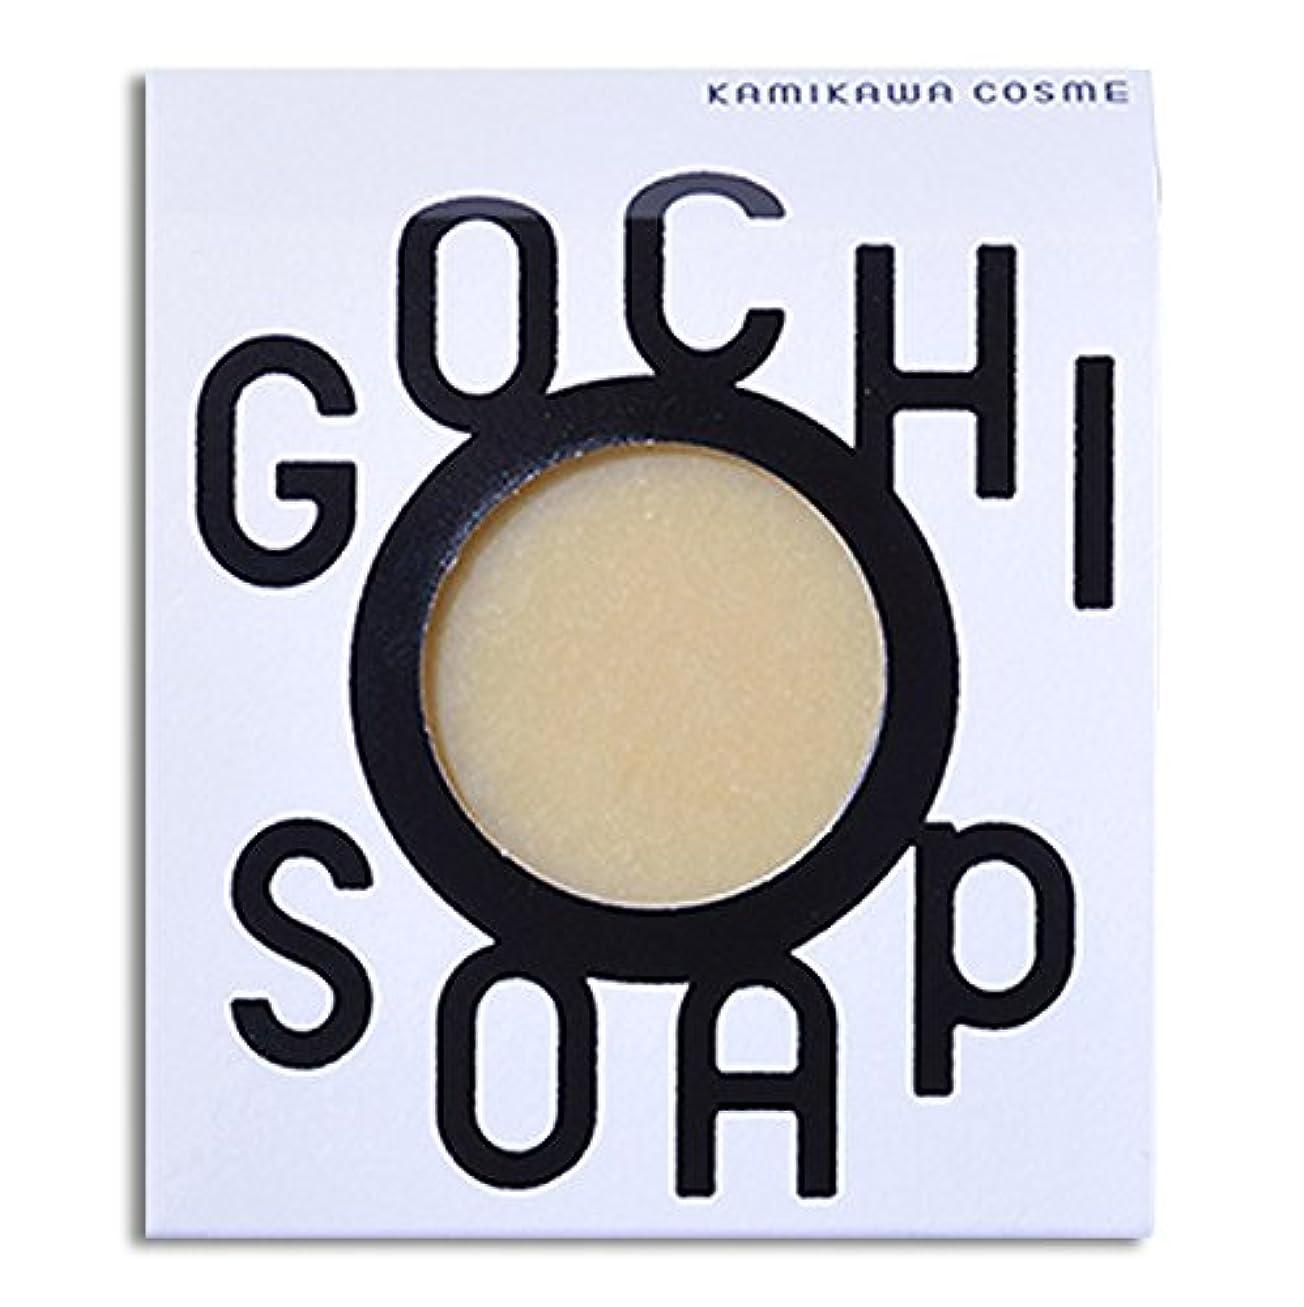 自殺可決朝ごはん道北の素材を使用したコスメブランド GOCHI SOAP(山路養蜂園の蜂蜜ソープ?ふじくらますも果樹園のりんごソープ)各1個セット